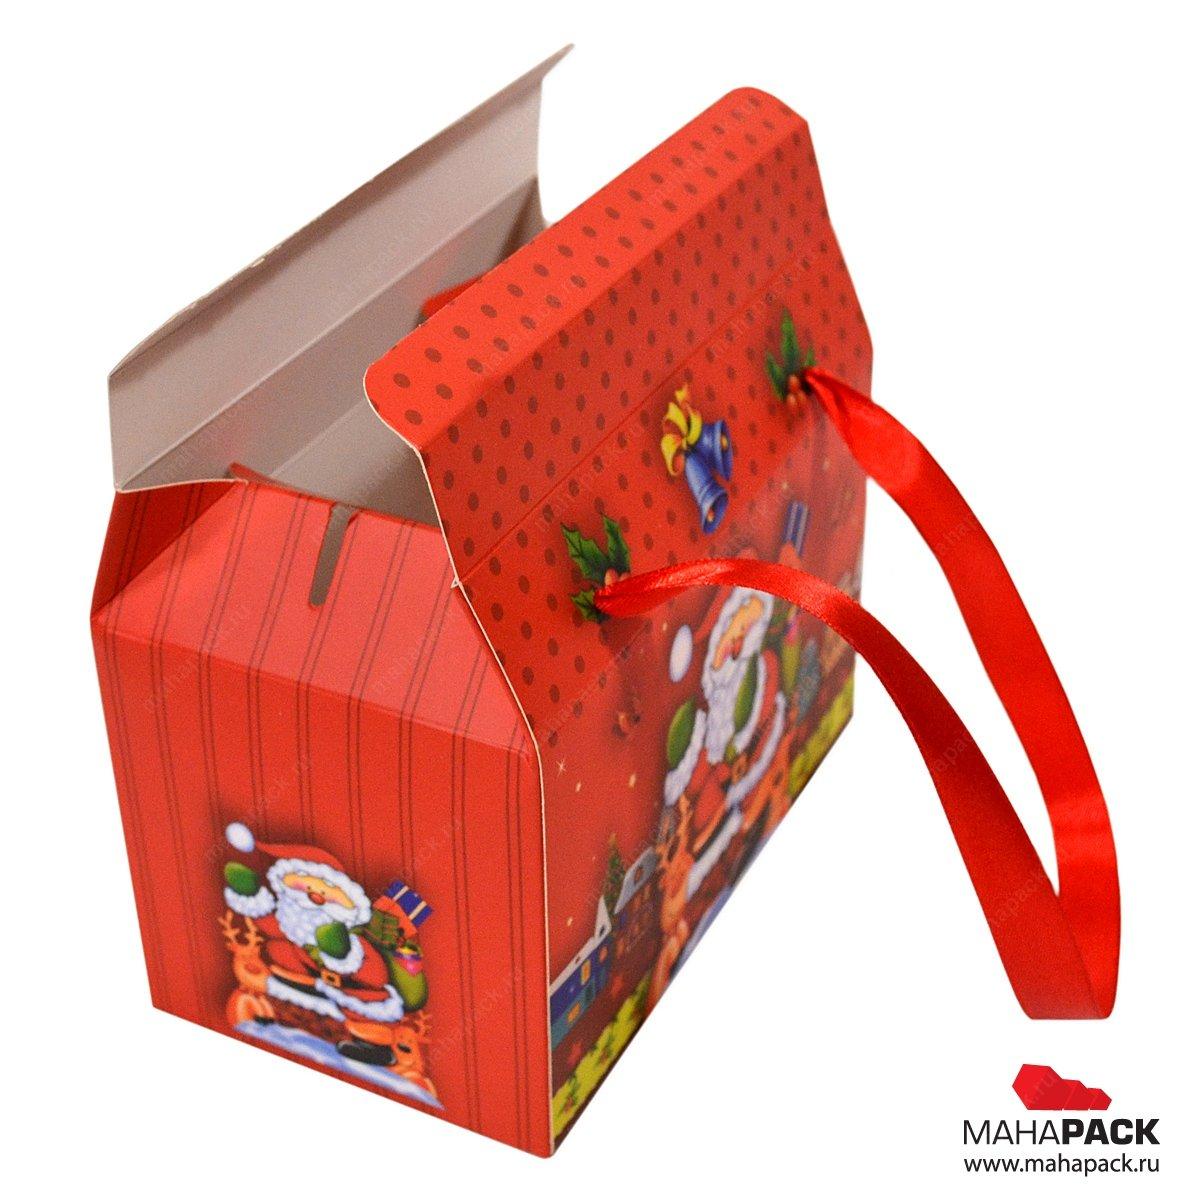 Изготовление упаковок-пакетов на заказ